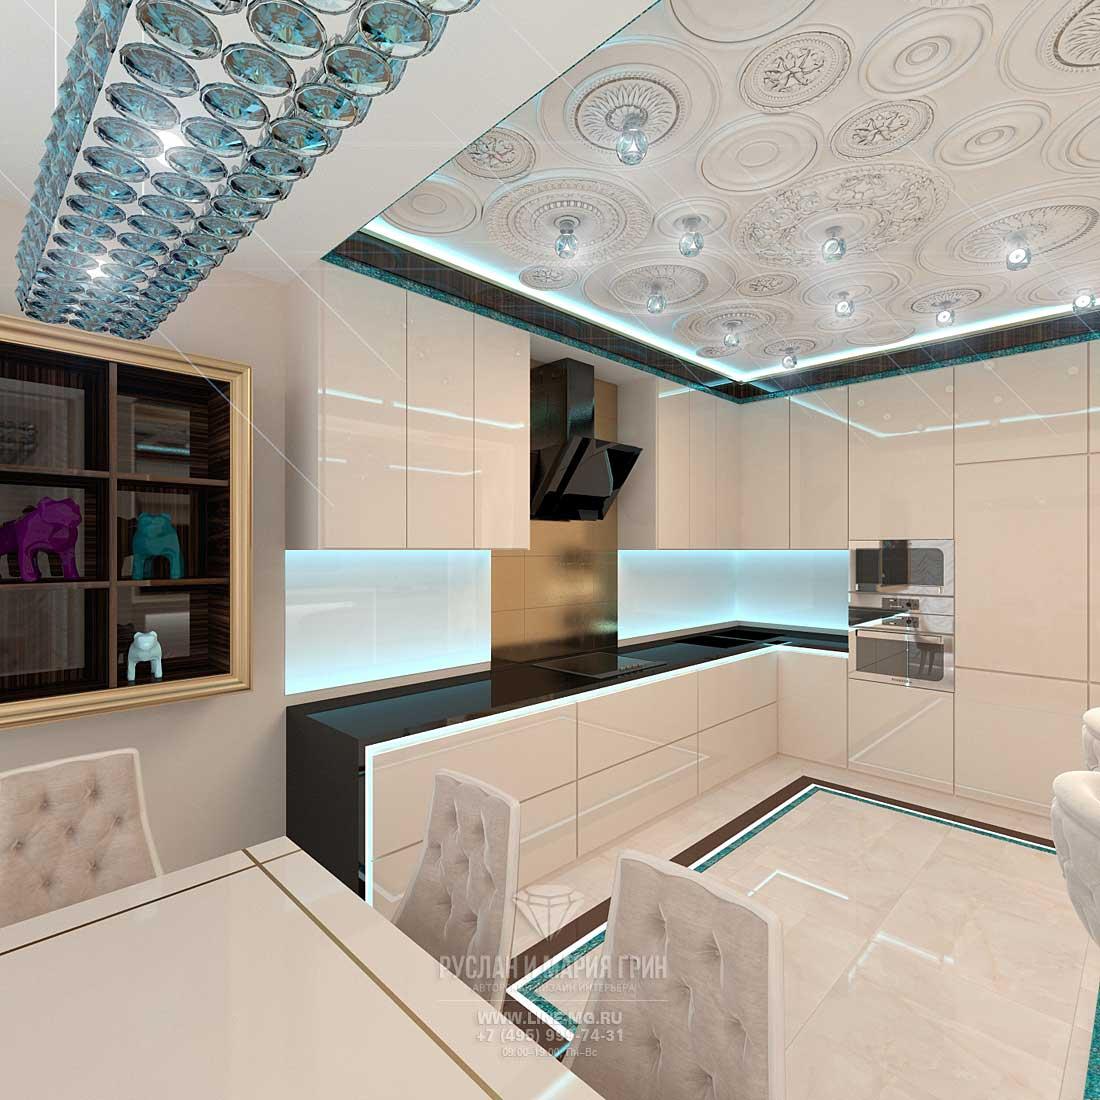 Дизайн интерьера гостиной с кухней